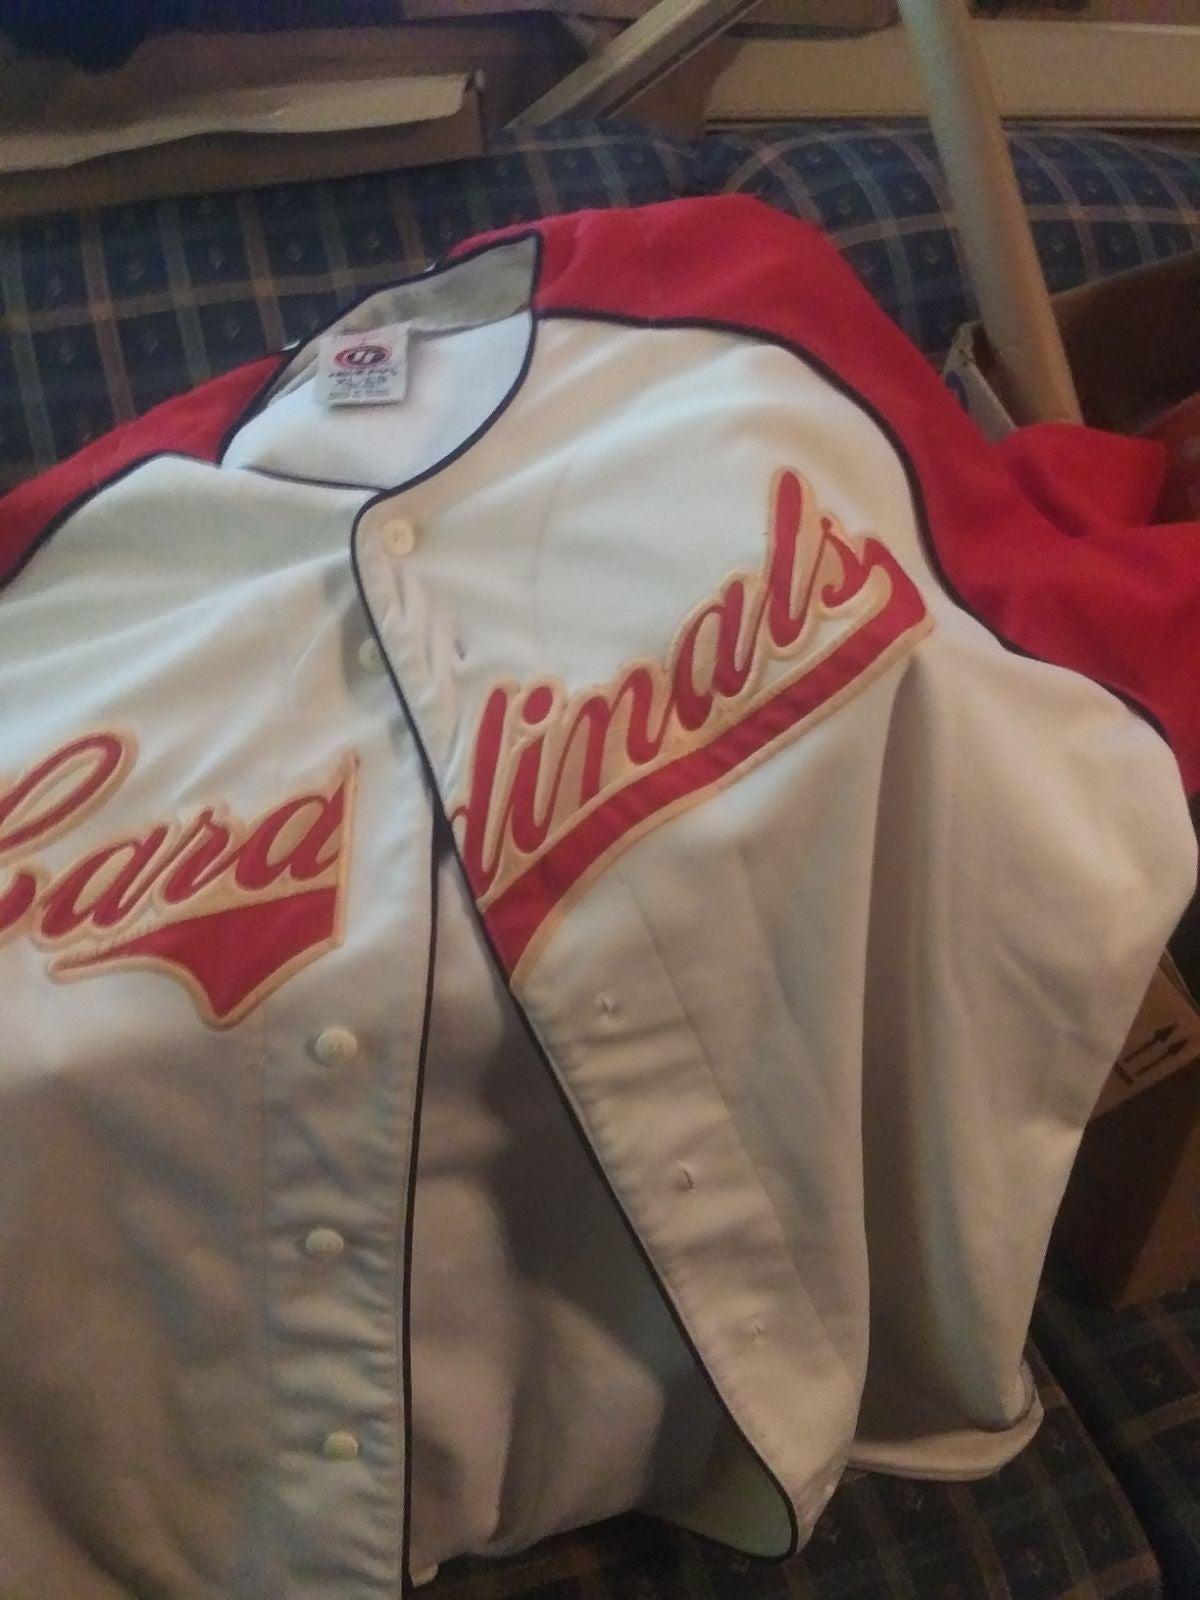 XL men's cardinals out fit